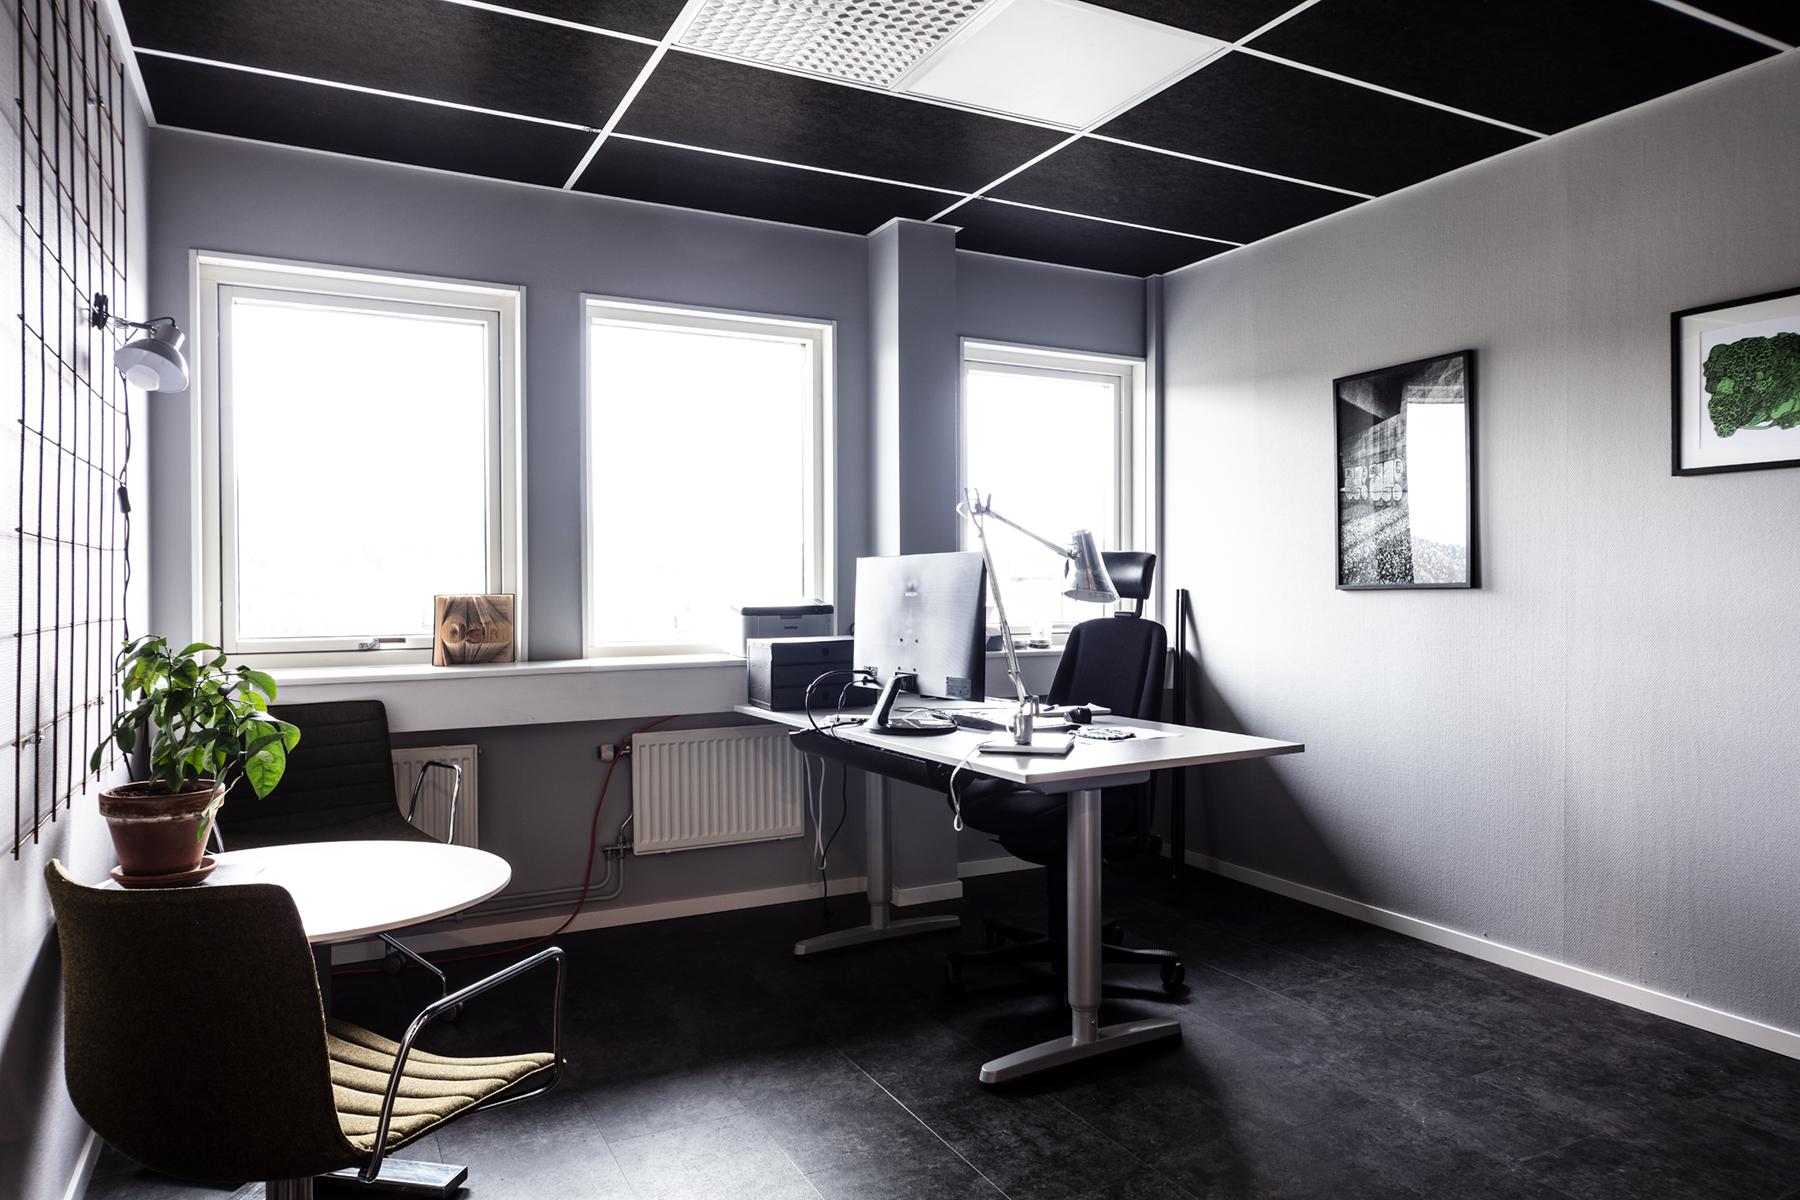 Kollegiet_kontorsrum.jpg